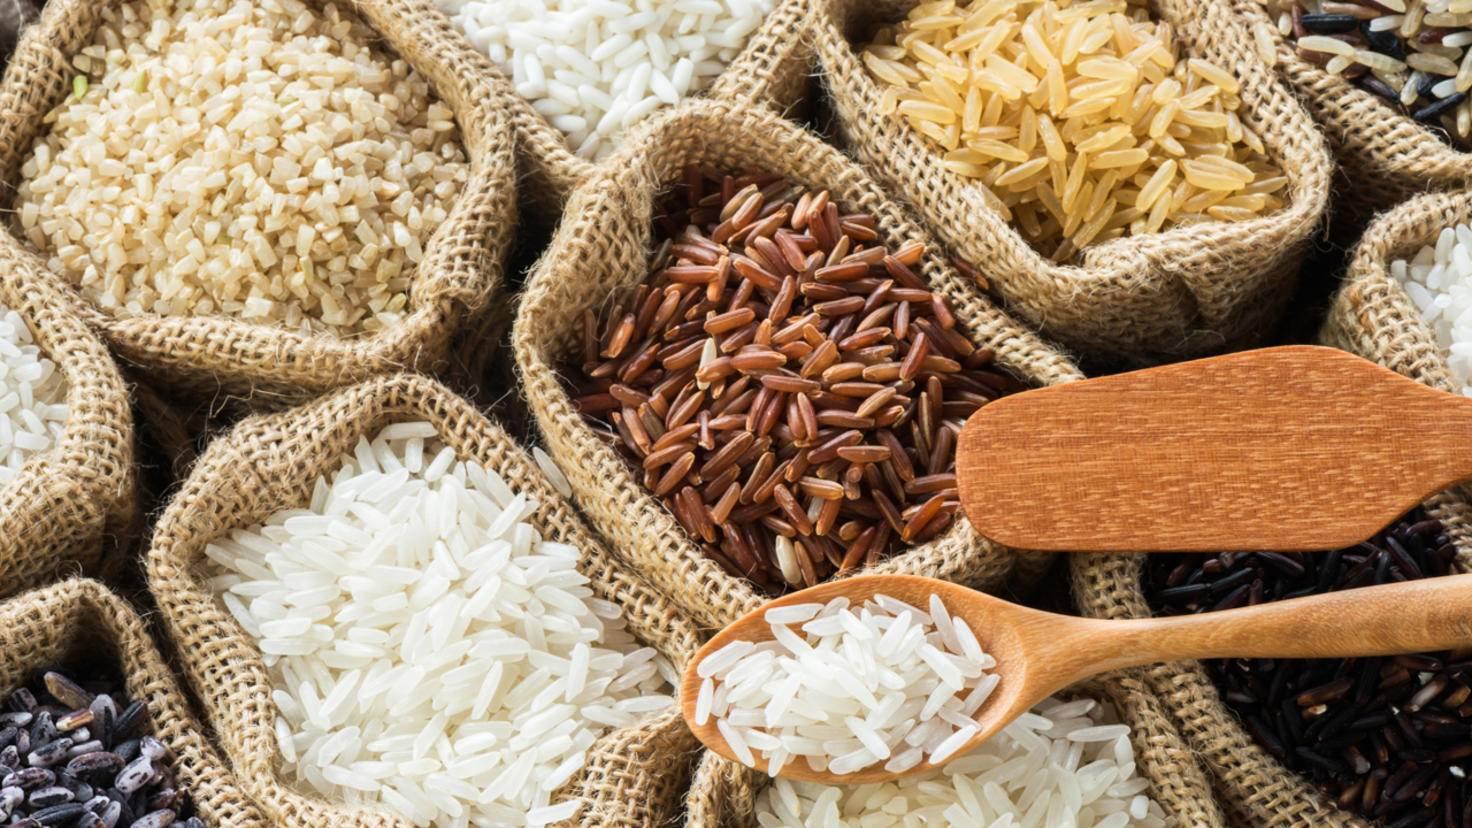 Körnige Vielfalt: Weltweit gibt es über 100.000 Reissorten.